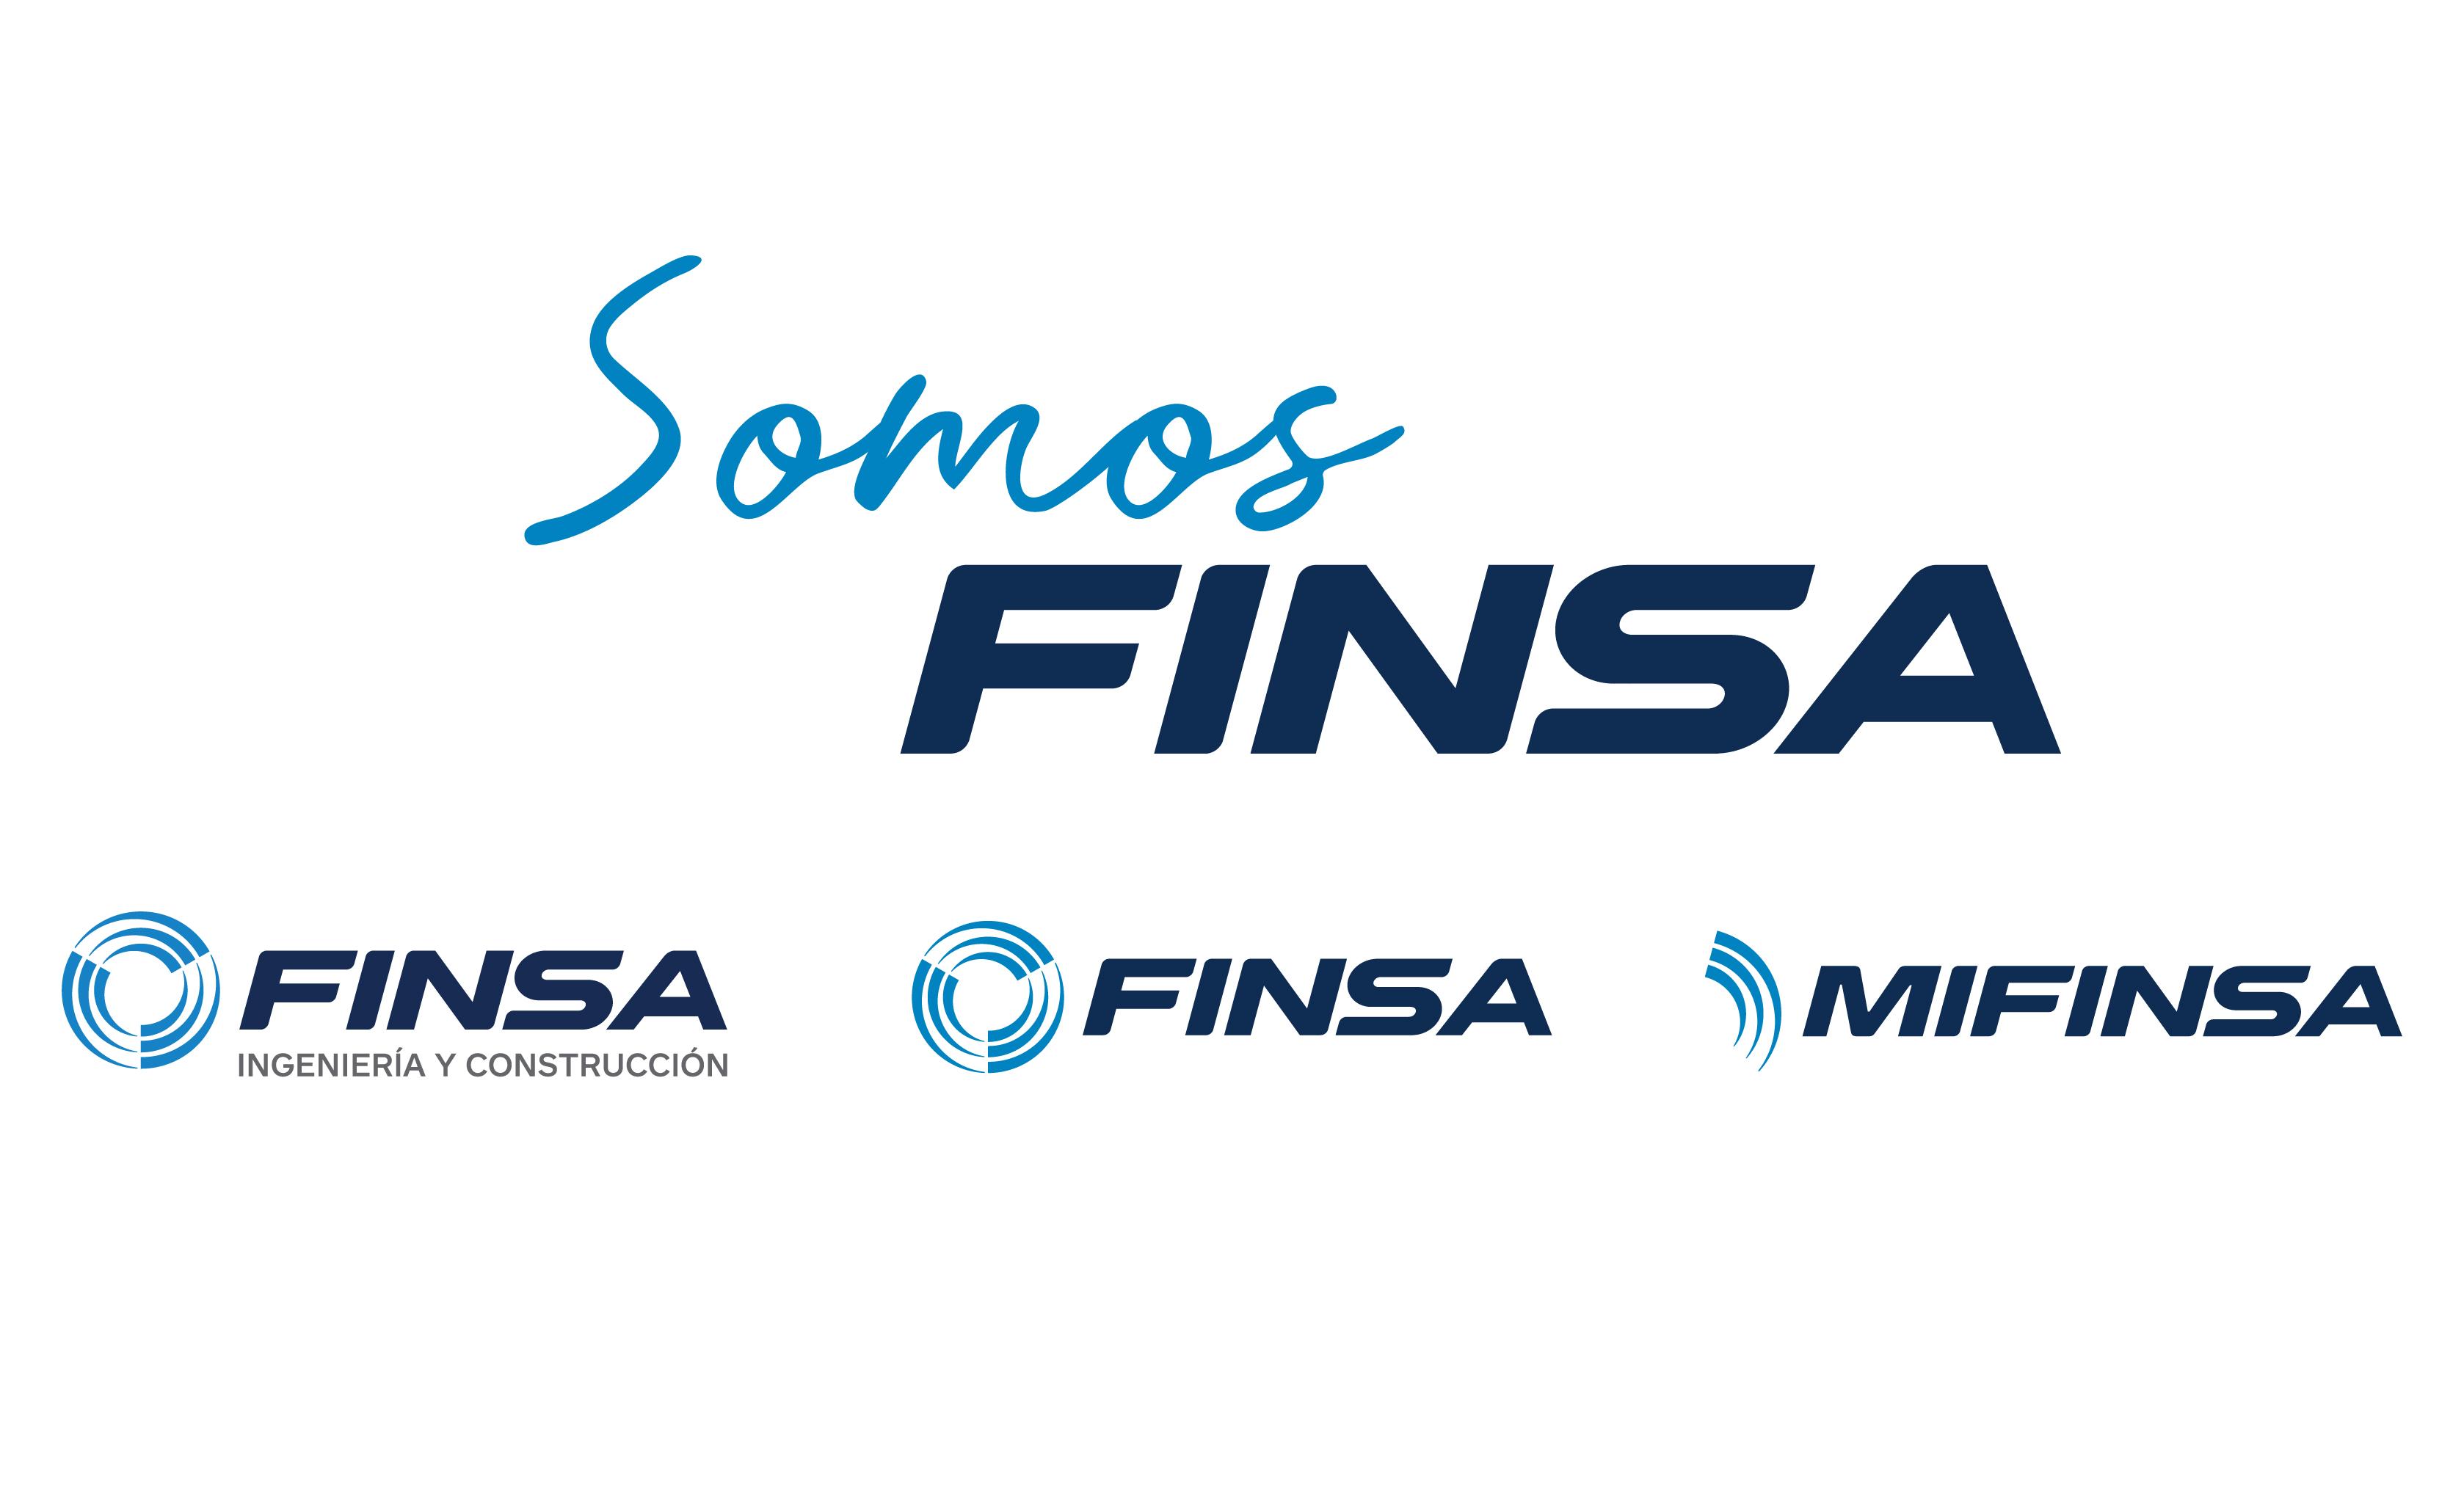 Logos-Blog-Somos-FINSA-01-2